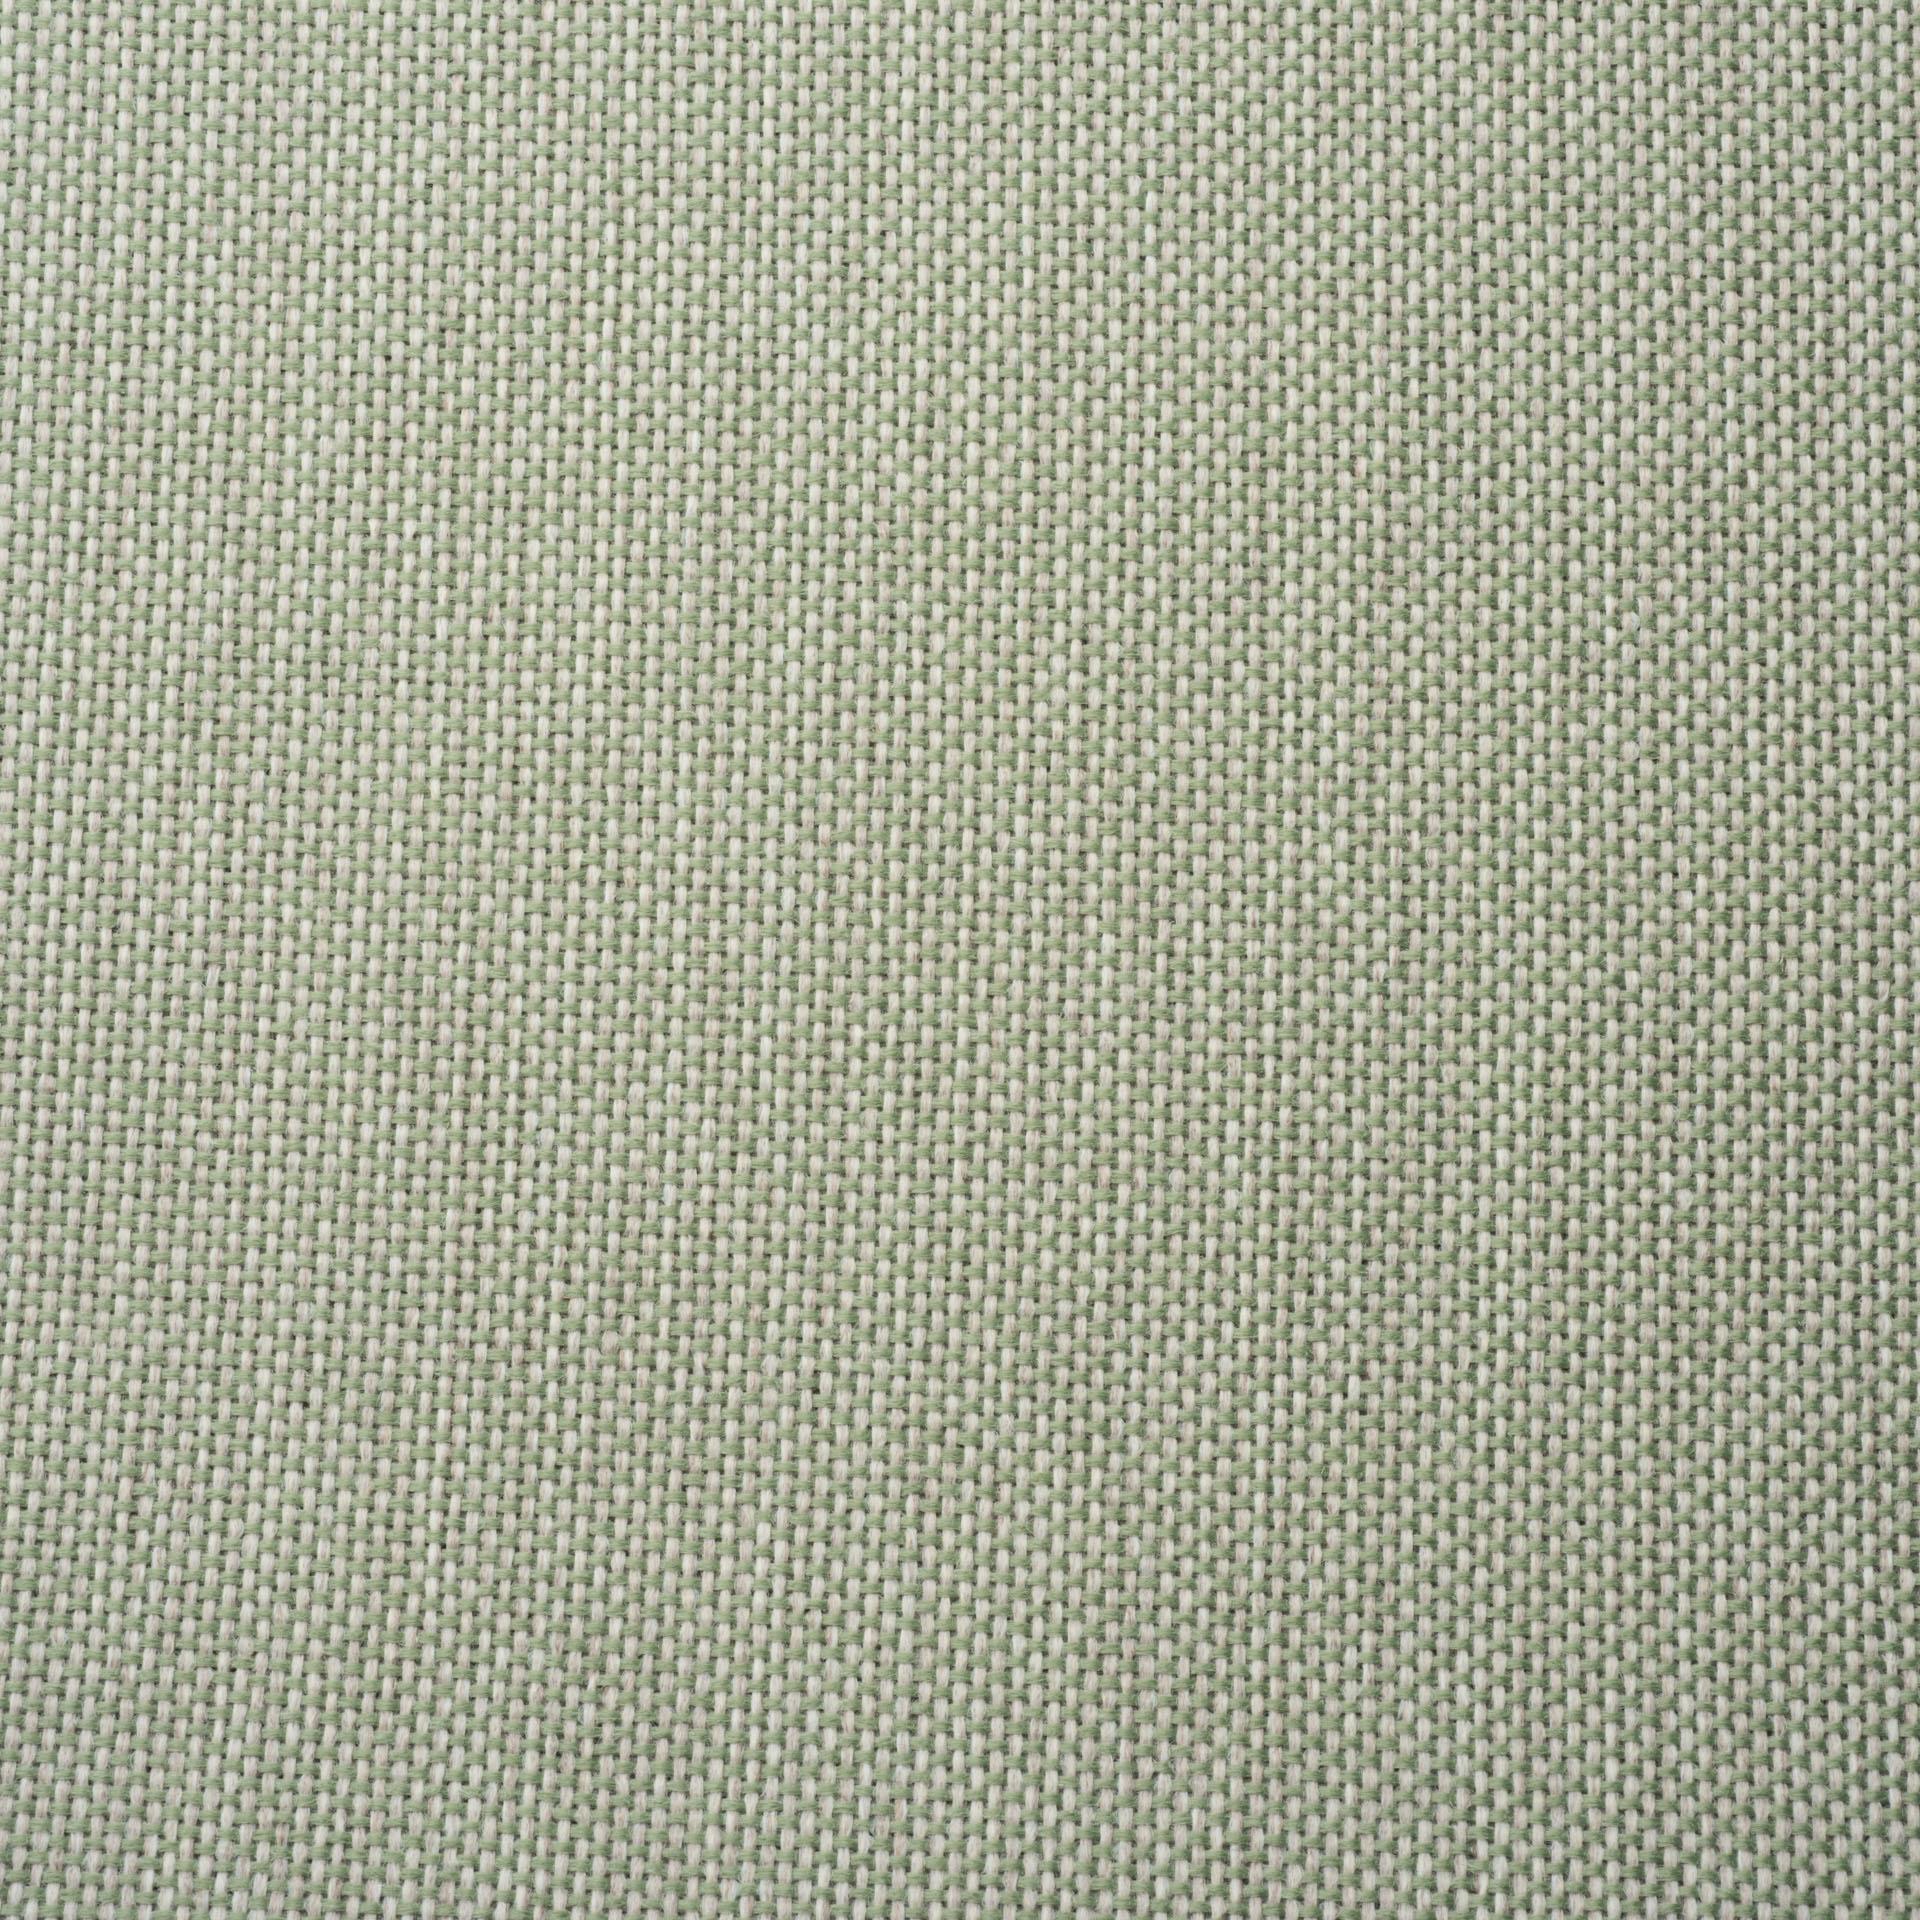 Коллекция ткани Инарис 34,  купить ткань Рогожка для мебели Украина